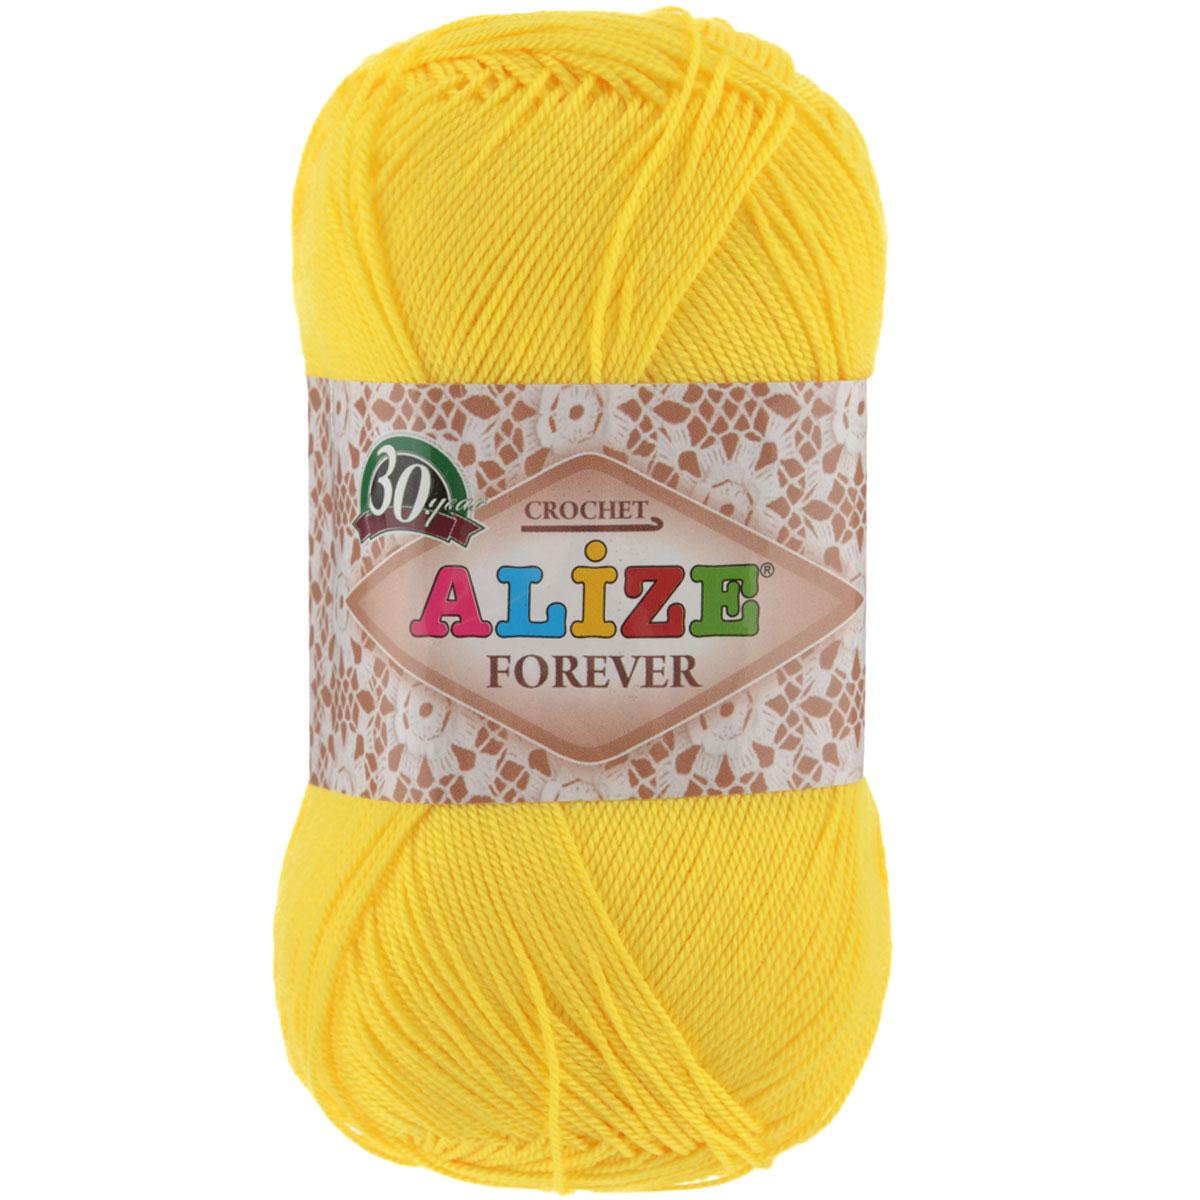 Пряжа для вязания Alize Forever, цвет: желтый (110), 300 м, 50 г, 5 шт367022_110Alize Forever - это тщательно обработанная акриловая пряжа, которая приобретает вид мерсеризованной нити. Классическая пряжа, прочная, мягкая и шелковистая. Большое разнообразие цветов и оттенков от спокойных до ярких позволять подобрать пряжу для вязания на любой вкус. Предназначена для вязания летних и весенних вещей и прекрасно подойдет как для спиц, так и для крючка. Изделия получаются очень красивыми и нарядными внешне и при этом комфортными в носке. Рекомендованные спицы № 2-3,5, крючок № 0,75-1,5. Состав: 100% акрил.